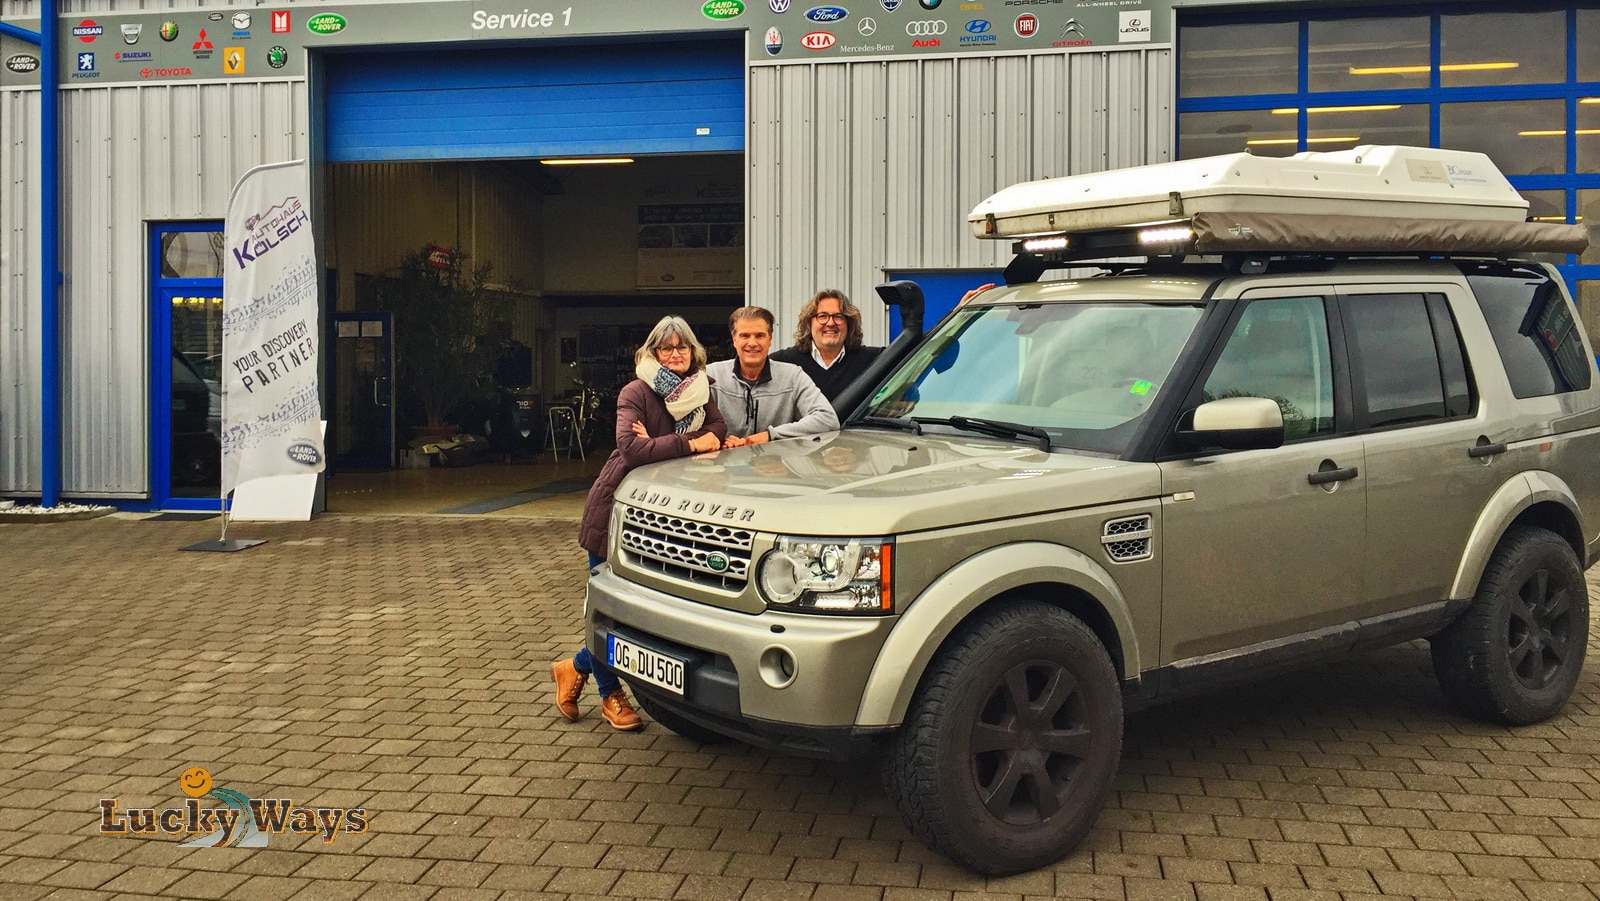 Landrover Discovery 4 im Autohaus Kölsch Frontansicht nach Umbau